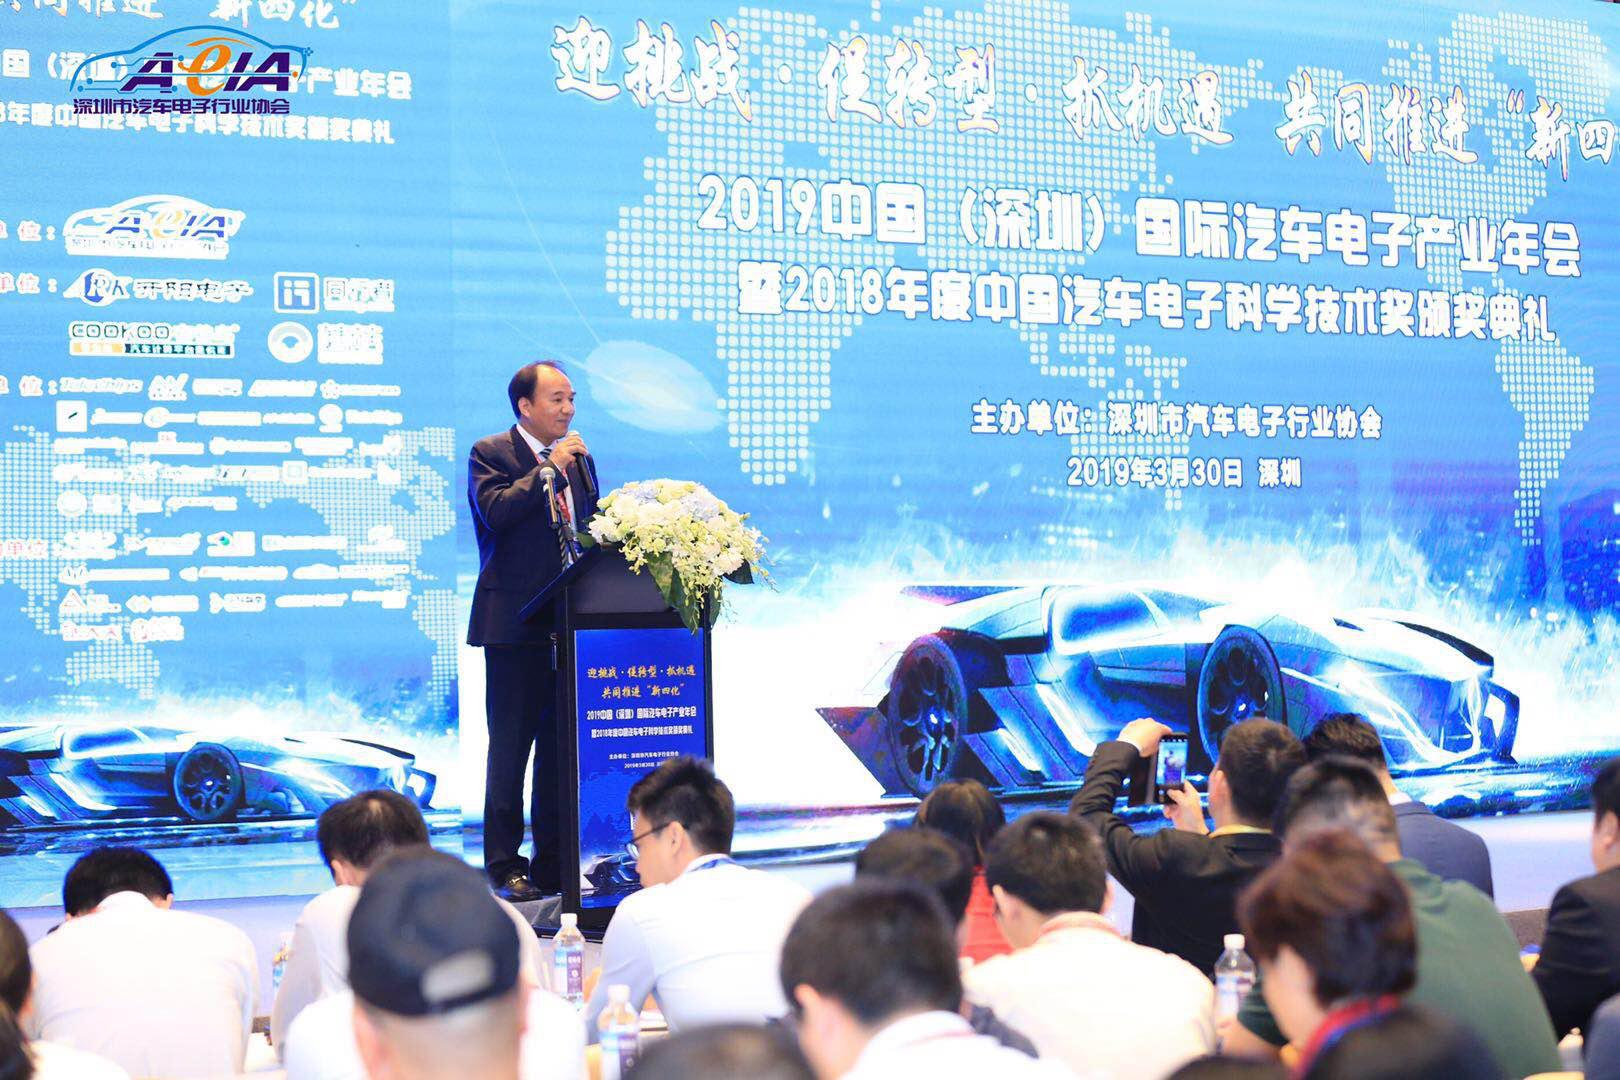 国际汽车电子产业年会在深圳召开 蘑菇车联网成业内关注热点